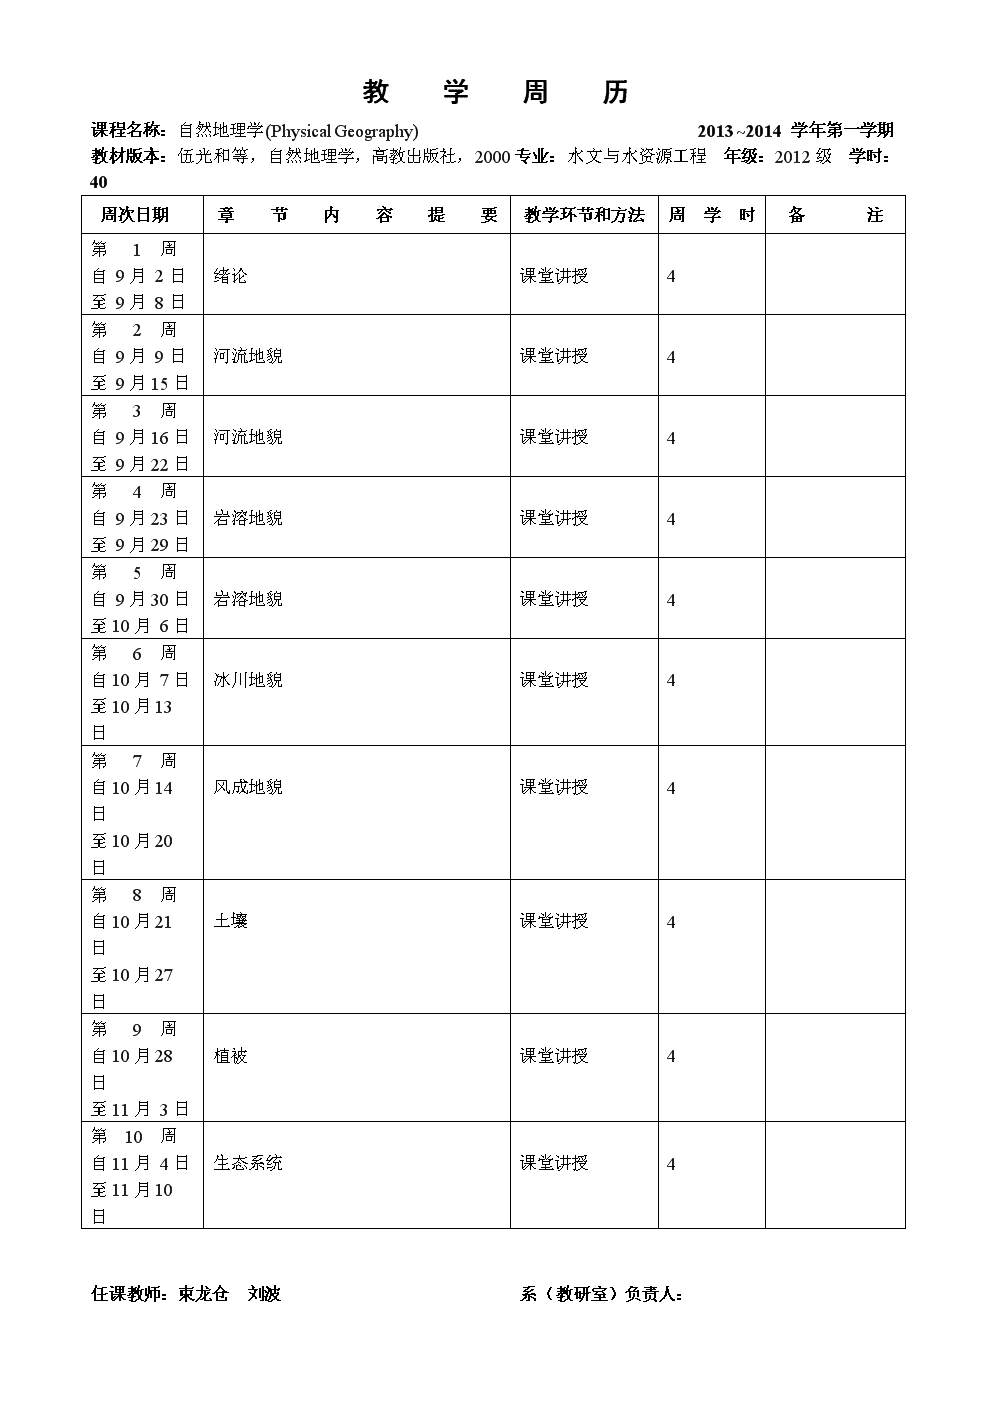 水文测量专业大二课程自然地理学周历(2012级水文).doc